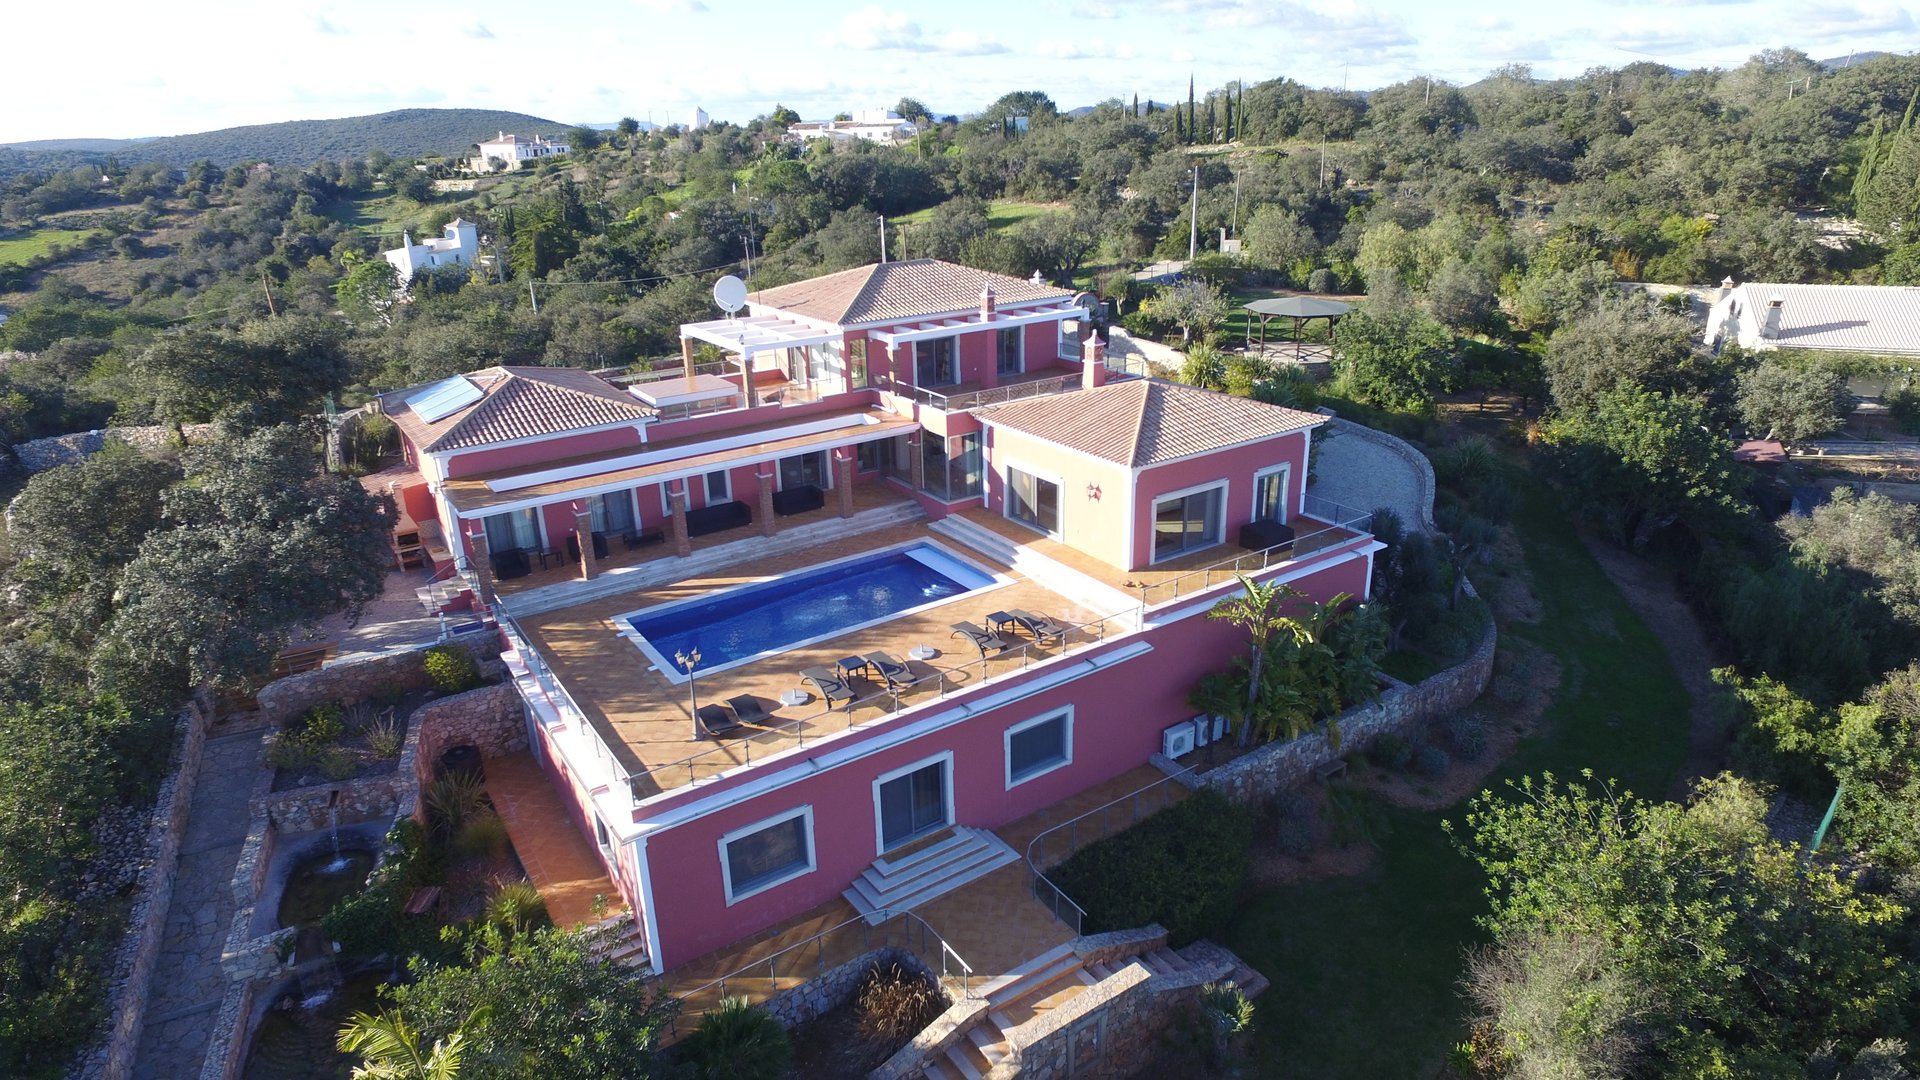 4 Bedroom Villa Sao Bras de Alportel, Central Algarve Ref: RV5322